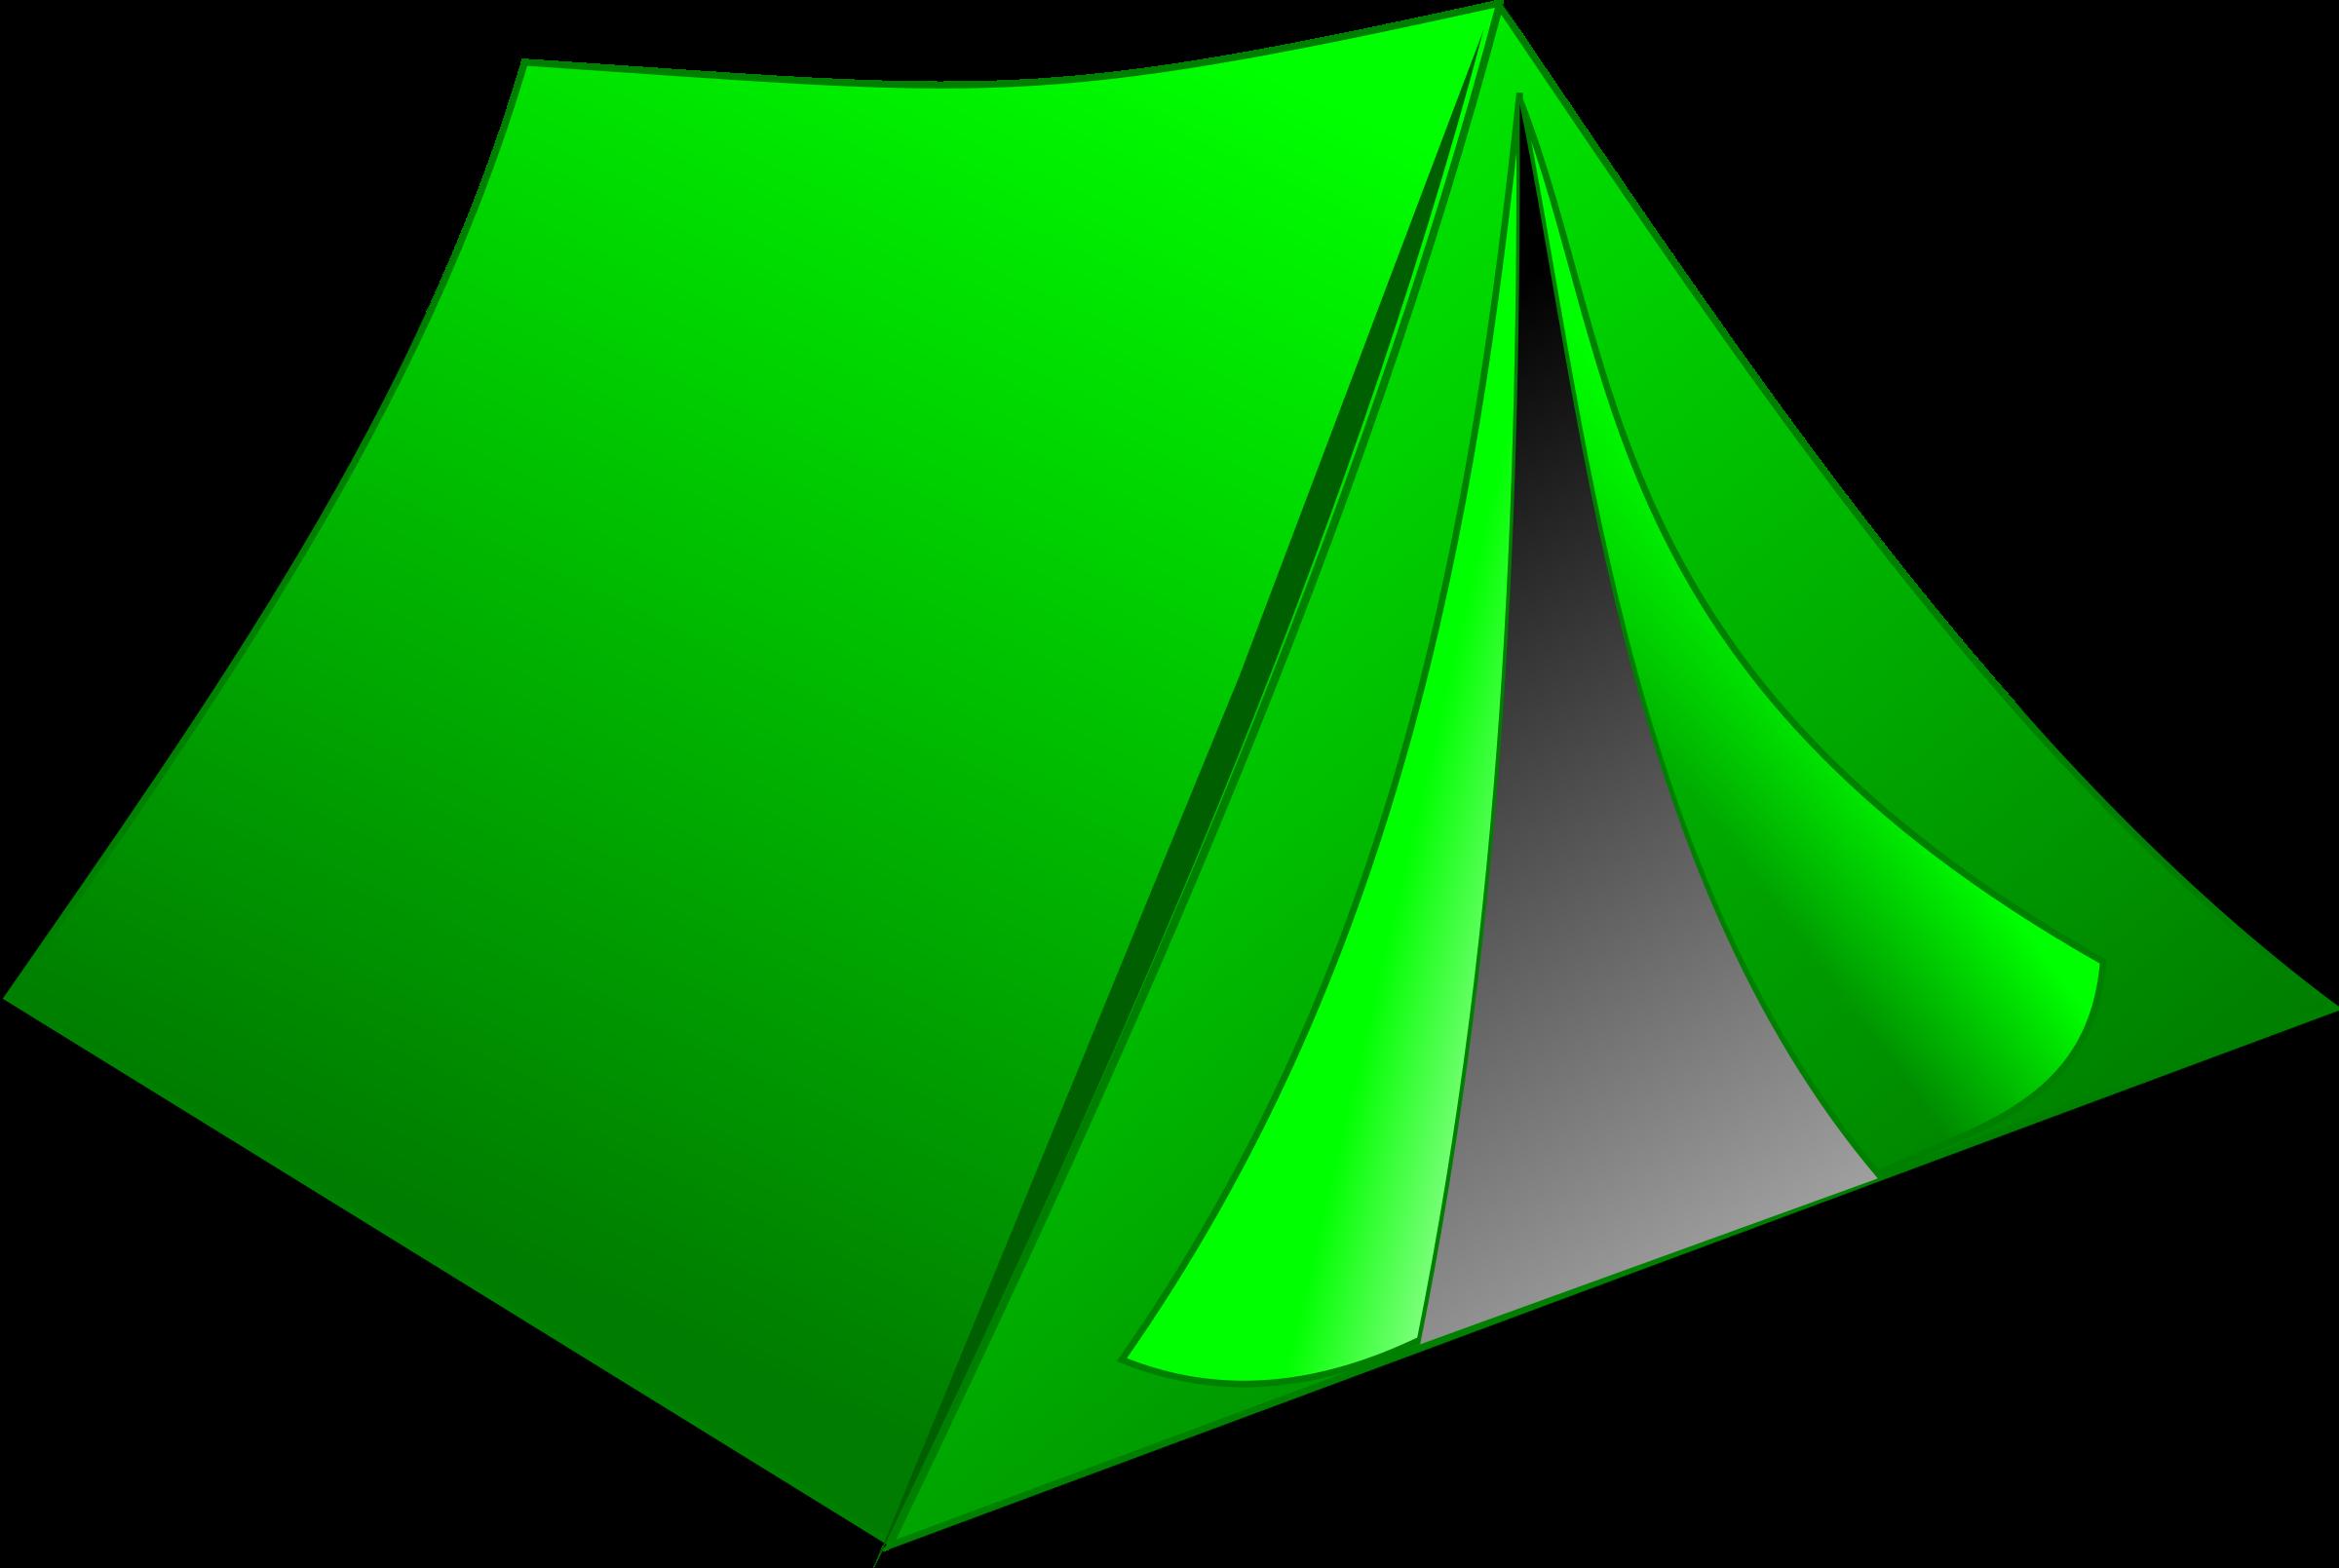 2400x1609 Tent Clip Art Images Free Clipart Images 3 Clipartcow